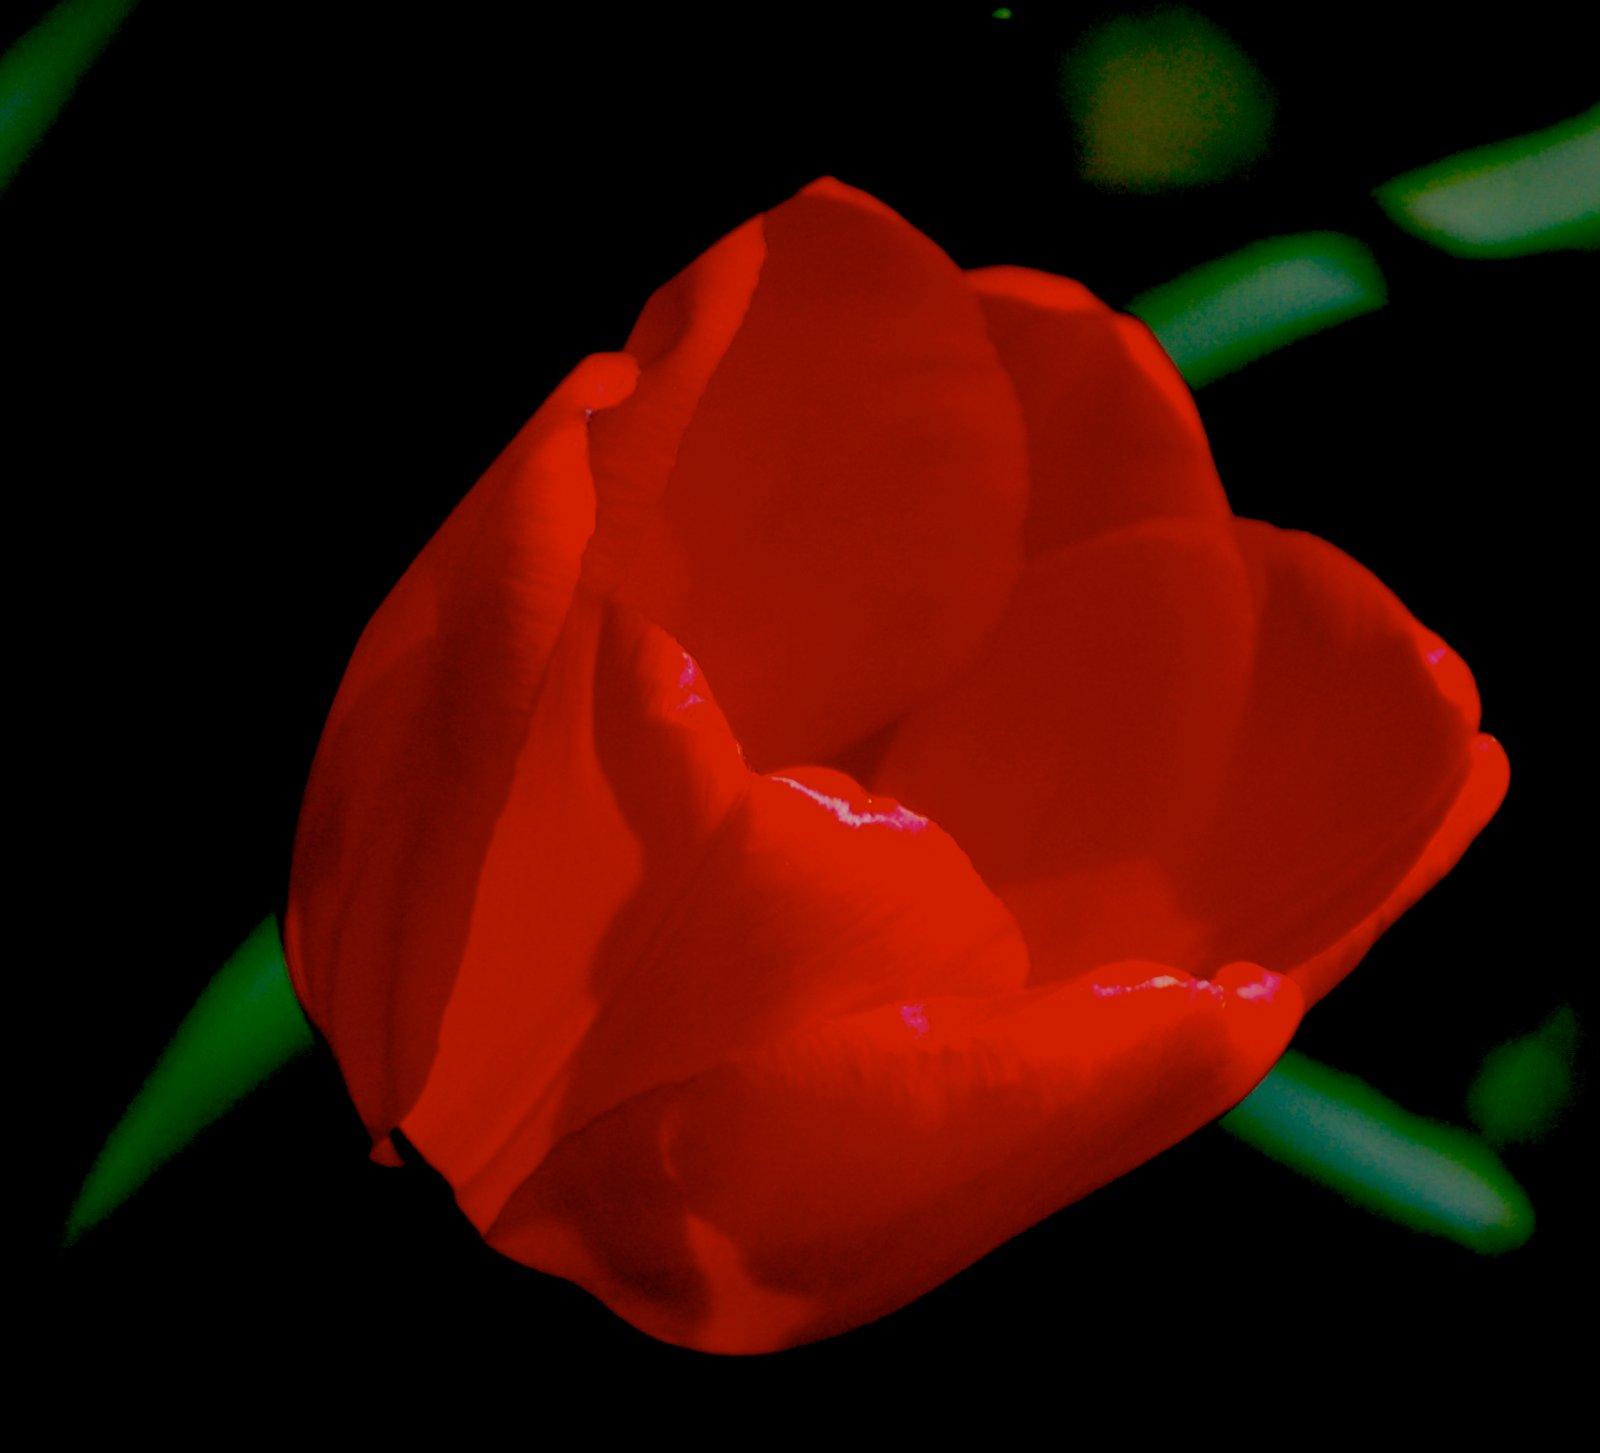 http://1.bp.blogspot.com/_Ym3du2sG3R4/TJgbO4K3O0I/AAAAAAAAC1g/BhLTDO9wlLM/s1600/Red-Rose-wallpaper.jpg